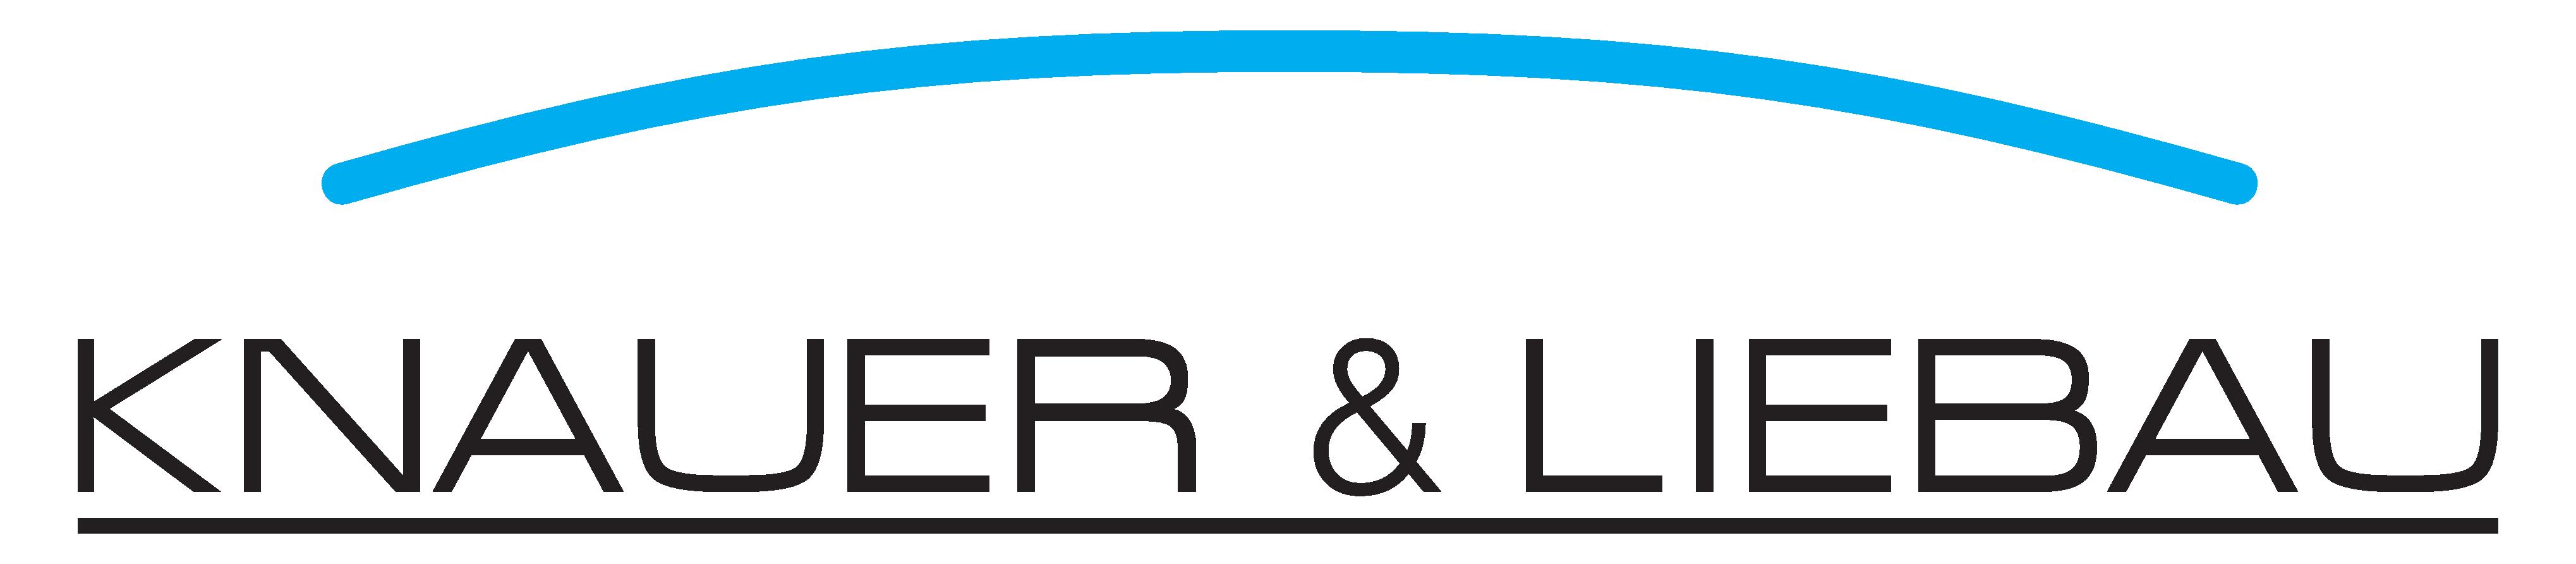 Knauer & Liebau GmbH & Co. KG